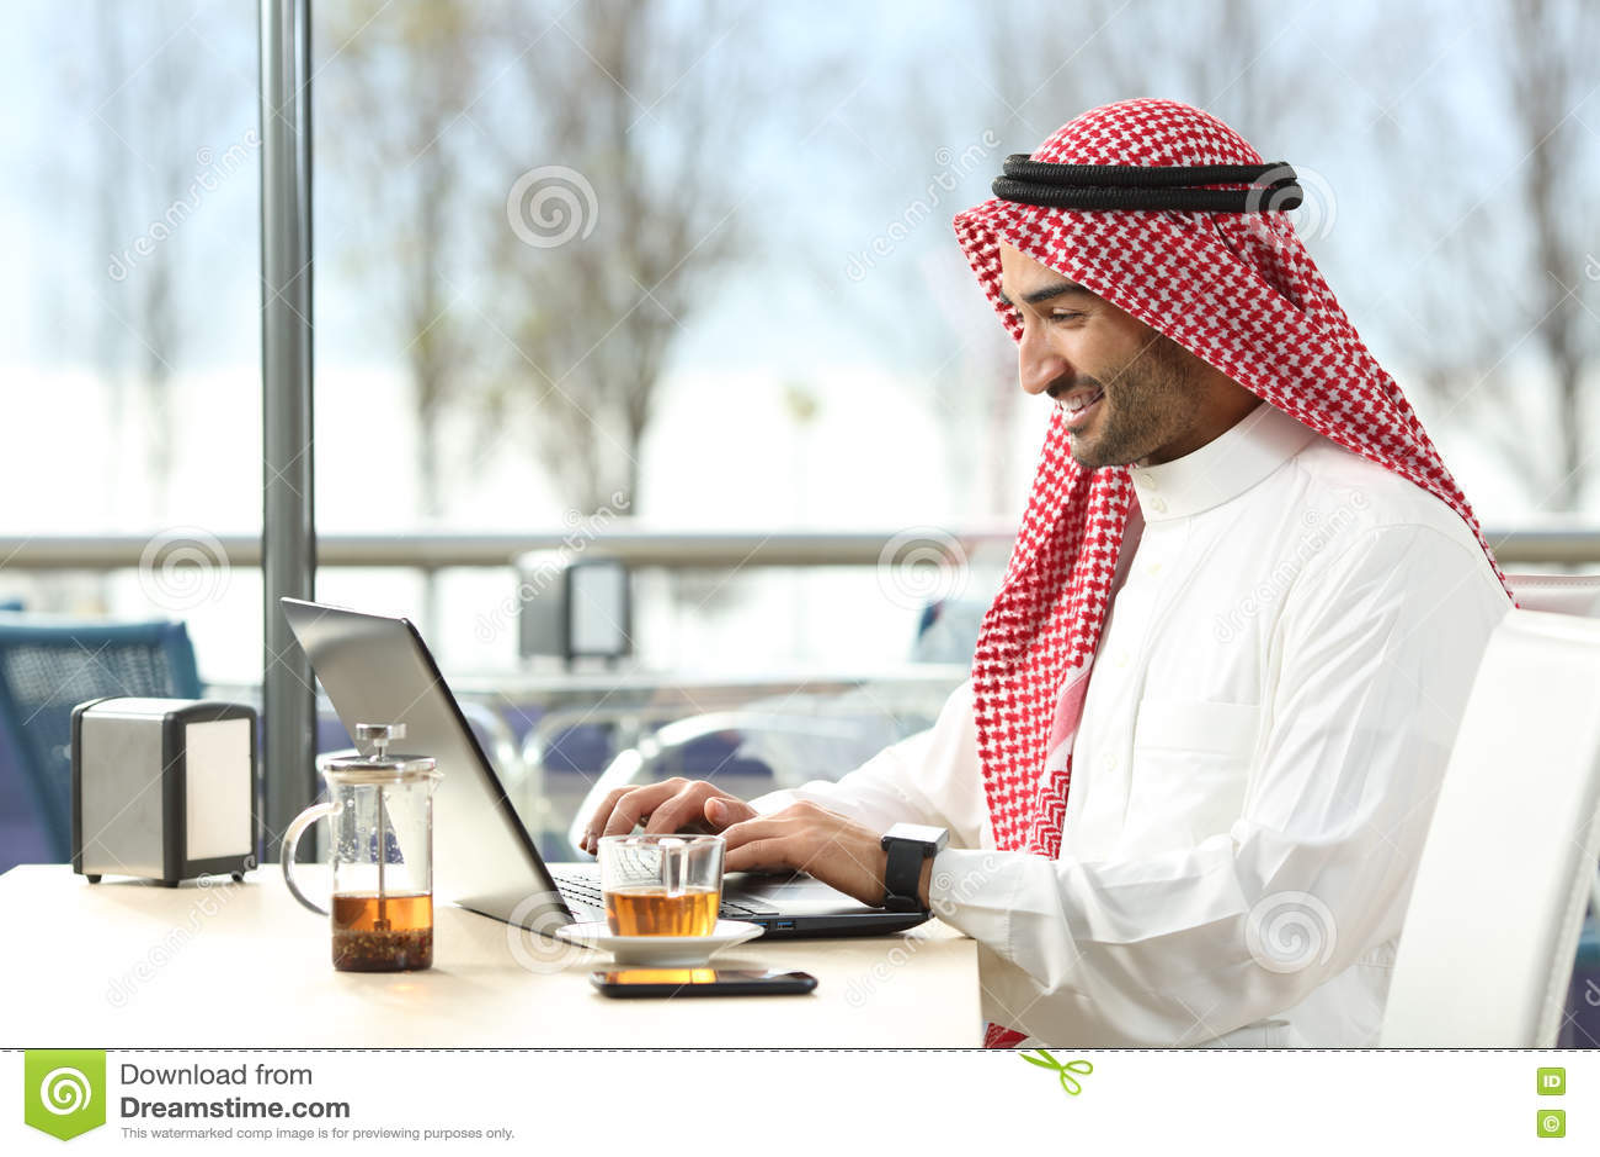 阿拉伯沙特人在网上与膝上型计算机一起使用